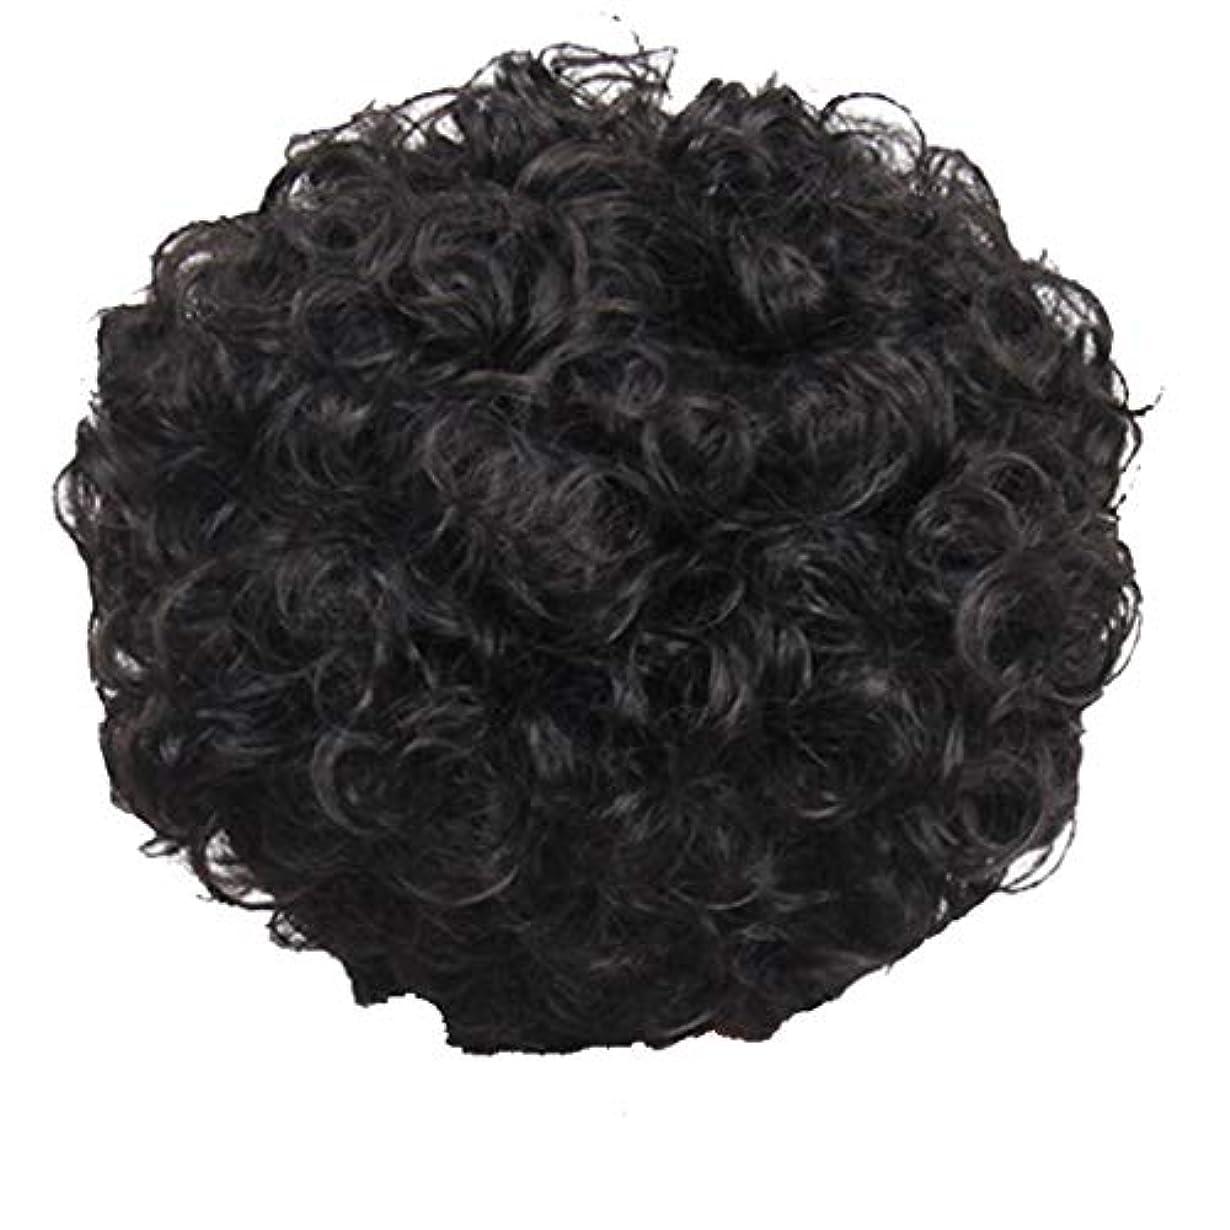 乳剤マイナーエイズかつら、女性、短い髪、巻き毛、かつら、エルフカット、かつらキャップ、27cm